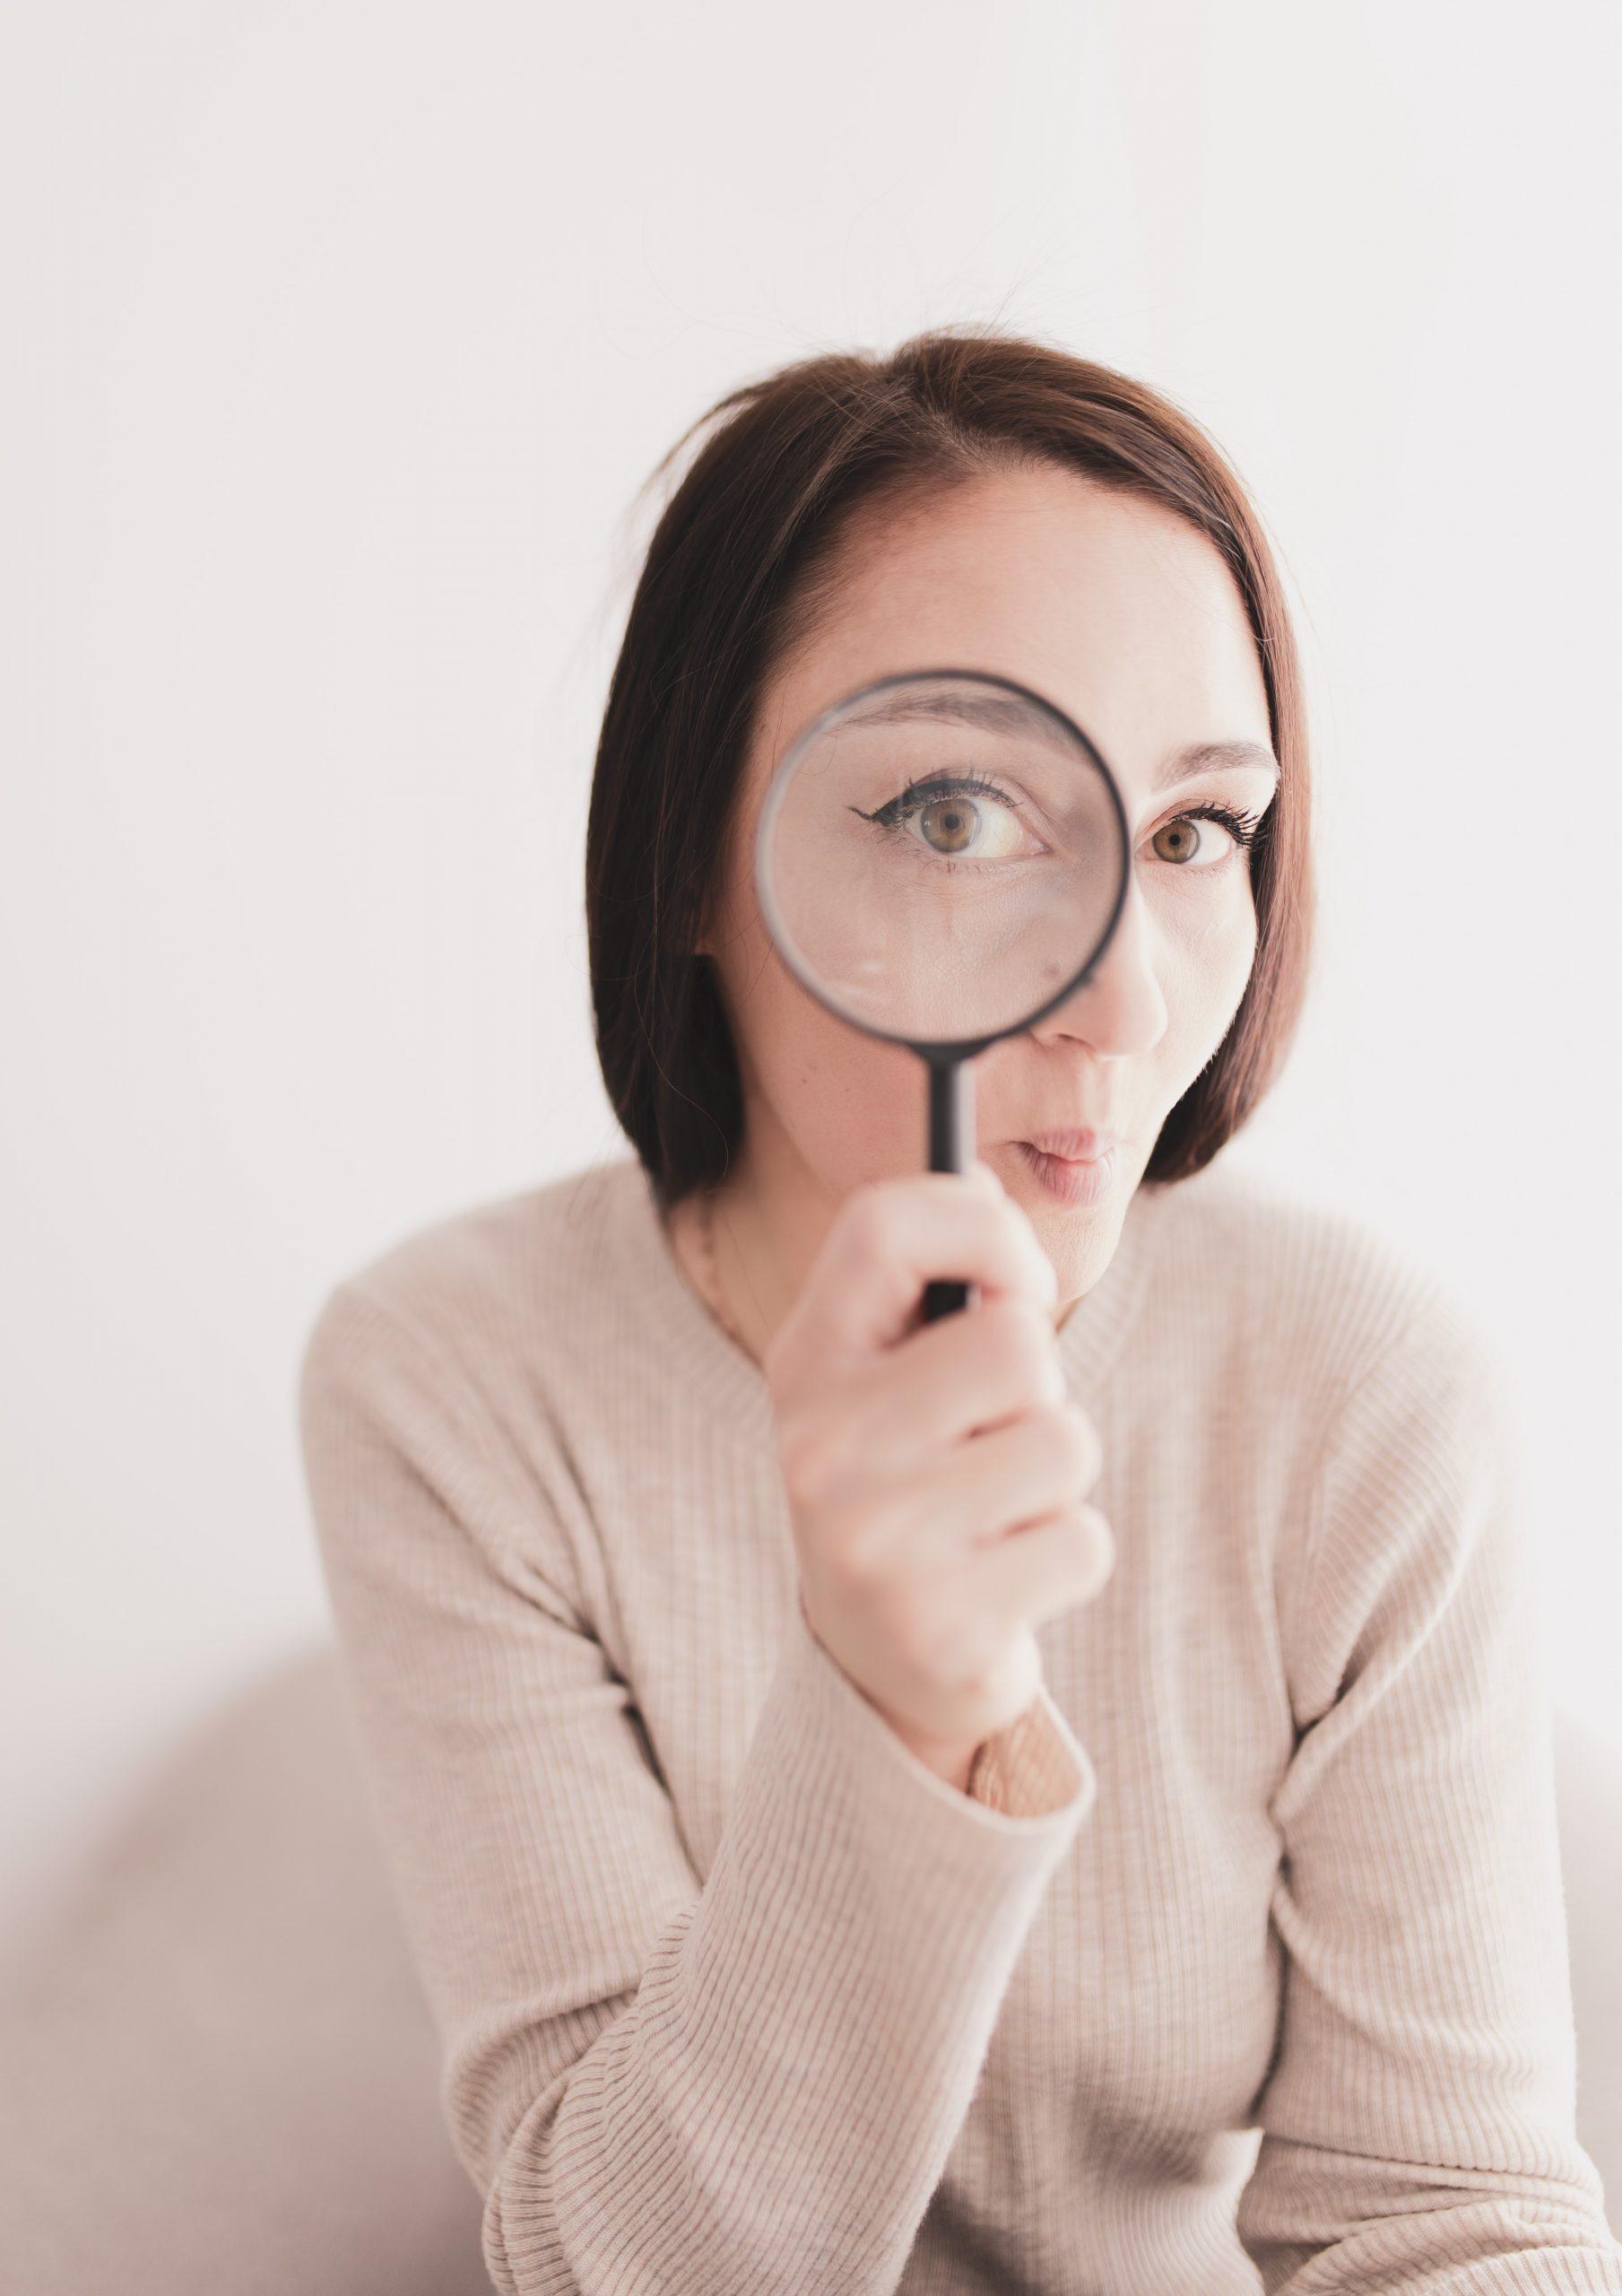 חוקרת מודיעין